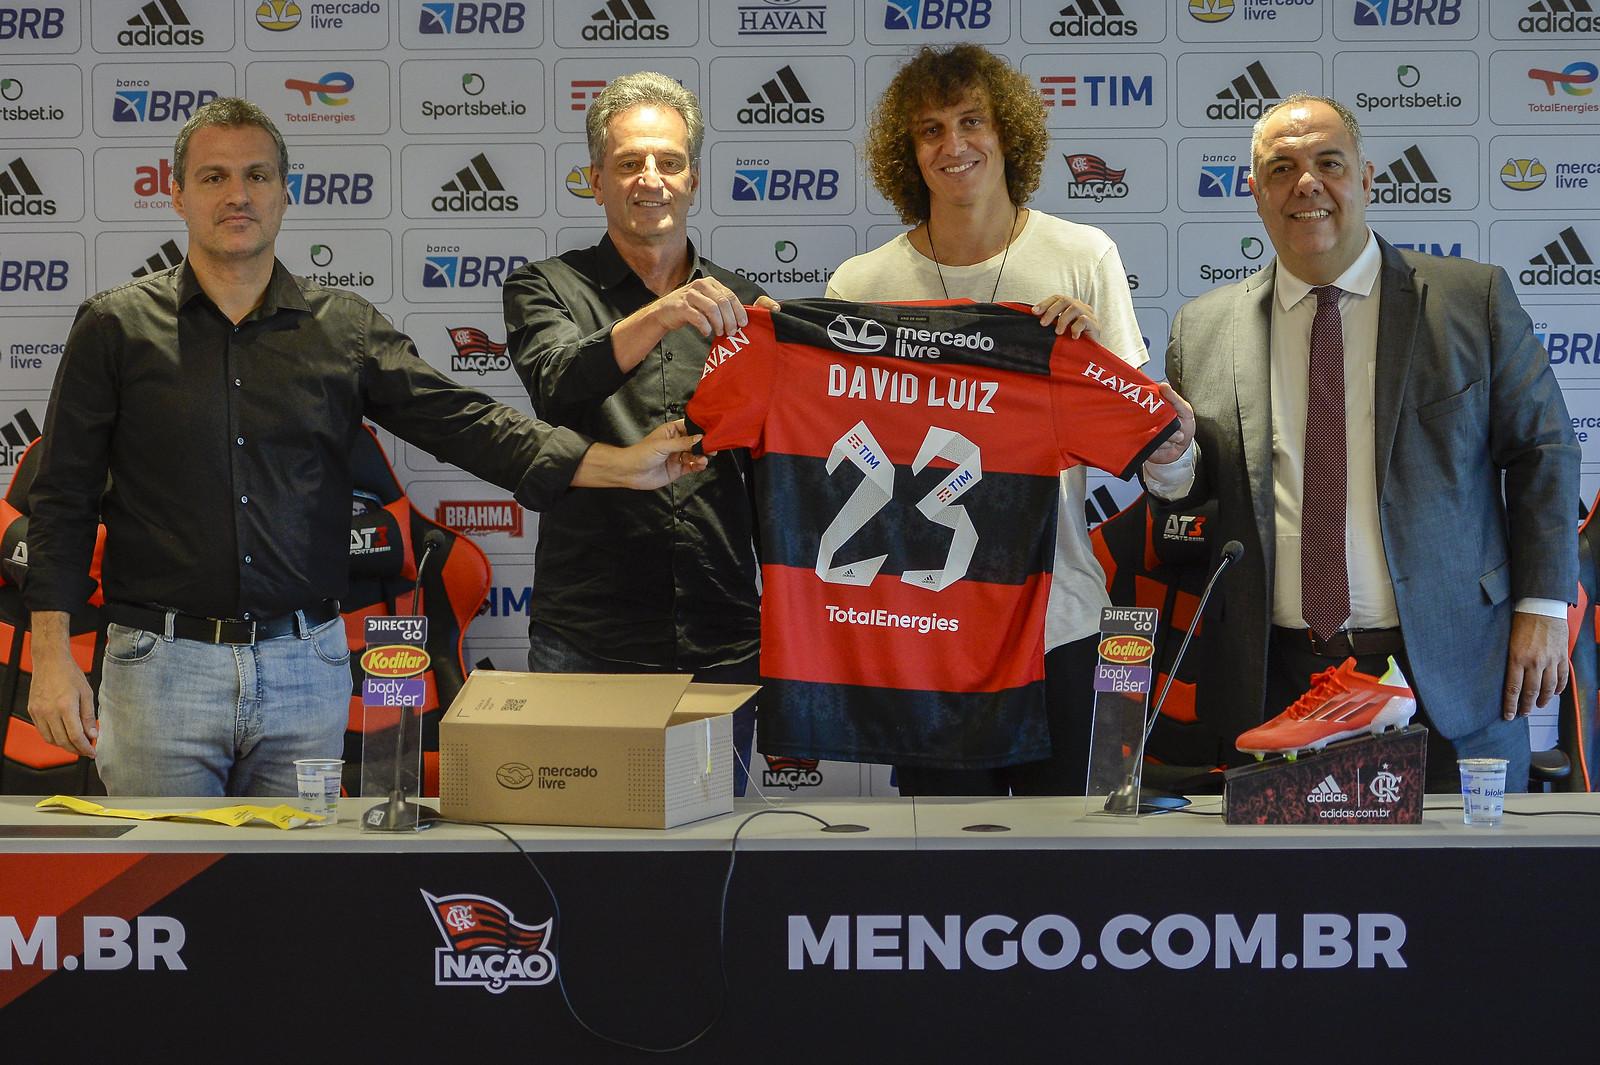 David Luiz, de 34 años, llega al Flamengo, último campeón de la Liga brasileña, después de una extensa trayectoria en el fútbol europeo